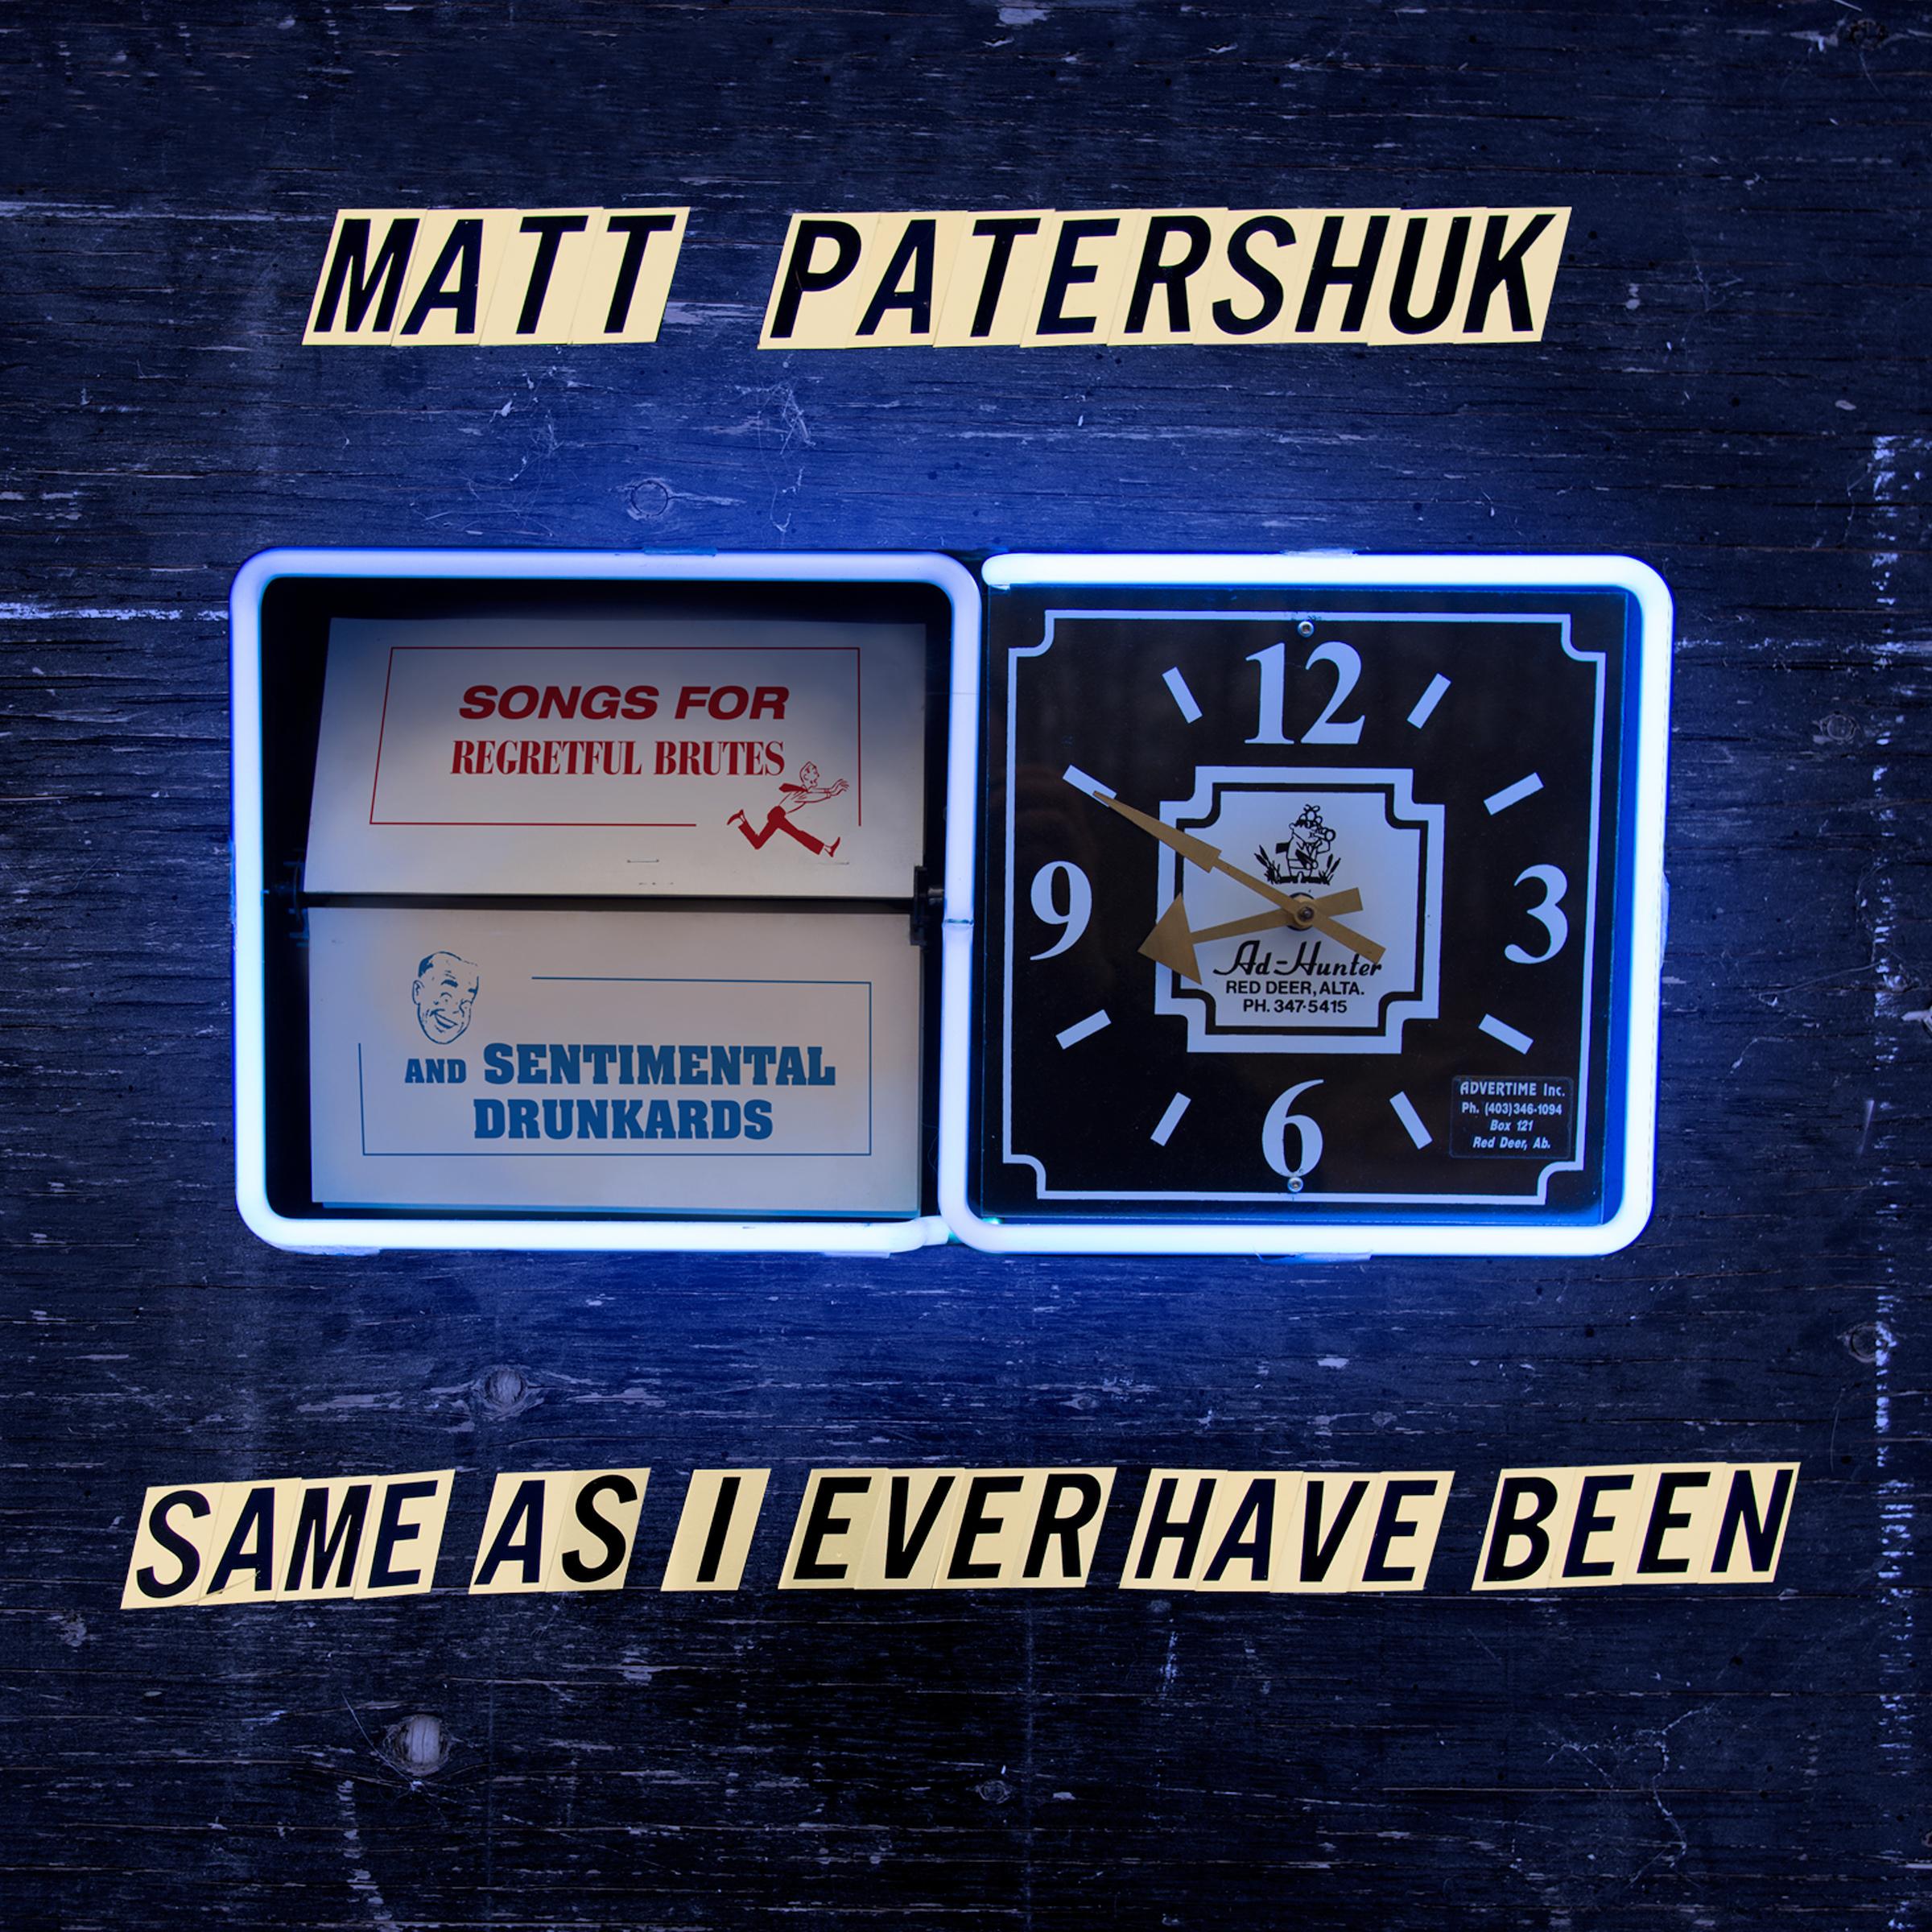 Matt_Patershuk_3000.jpg